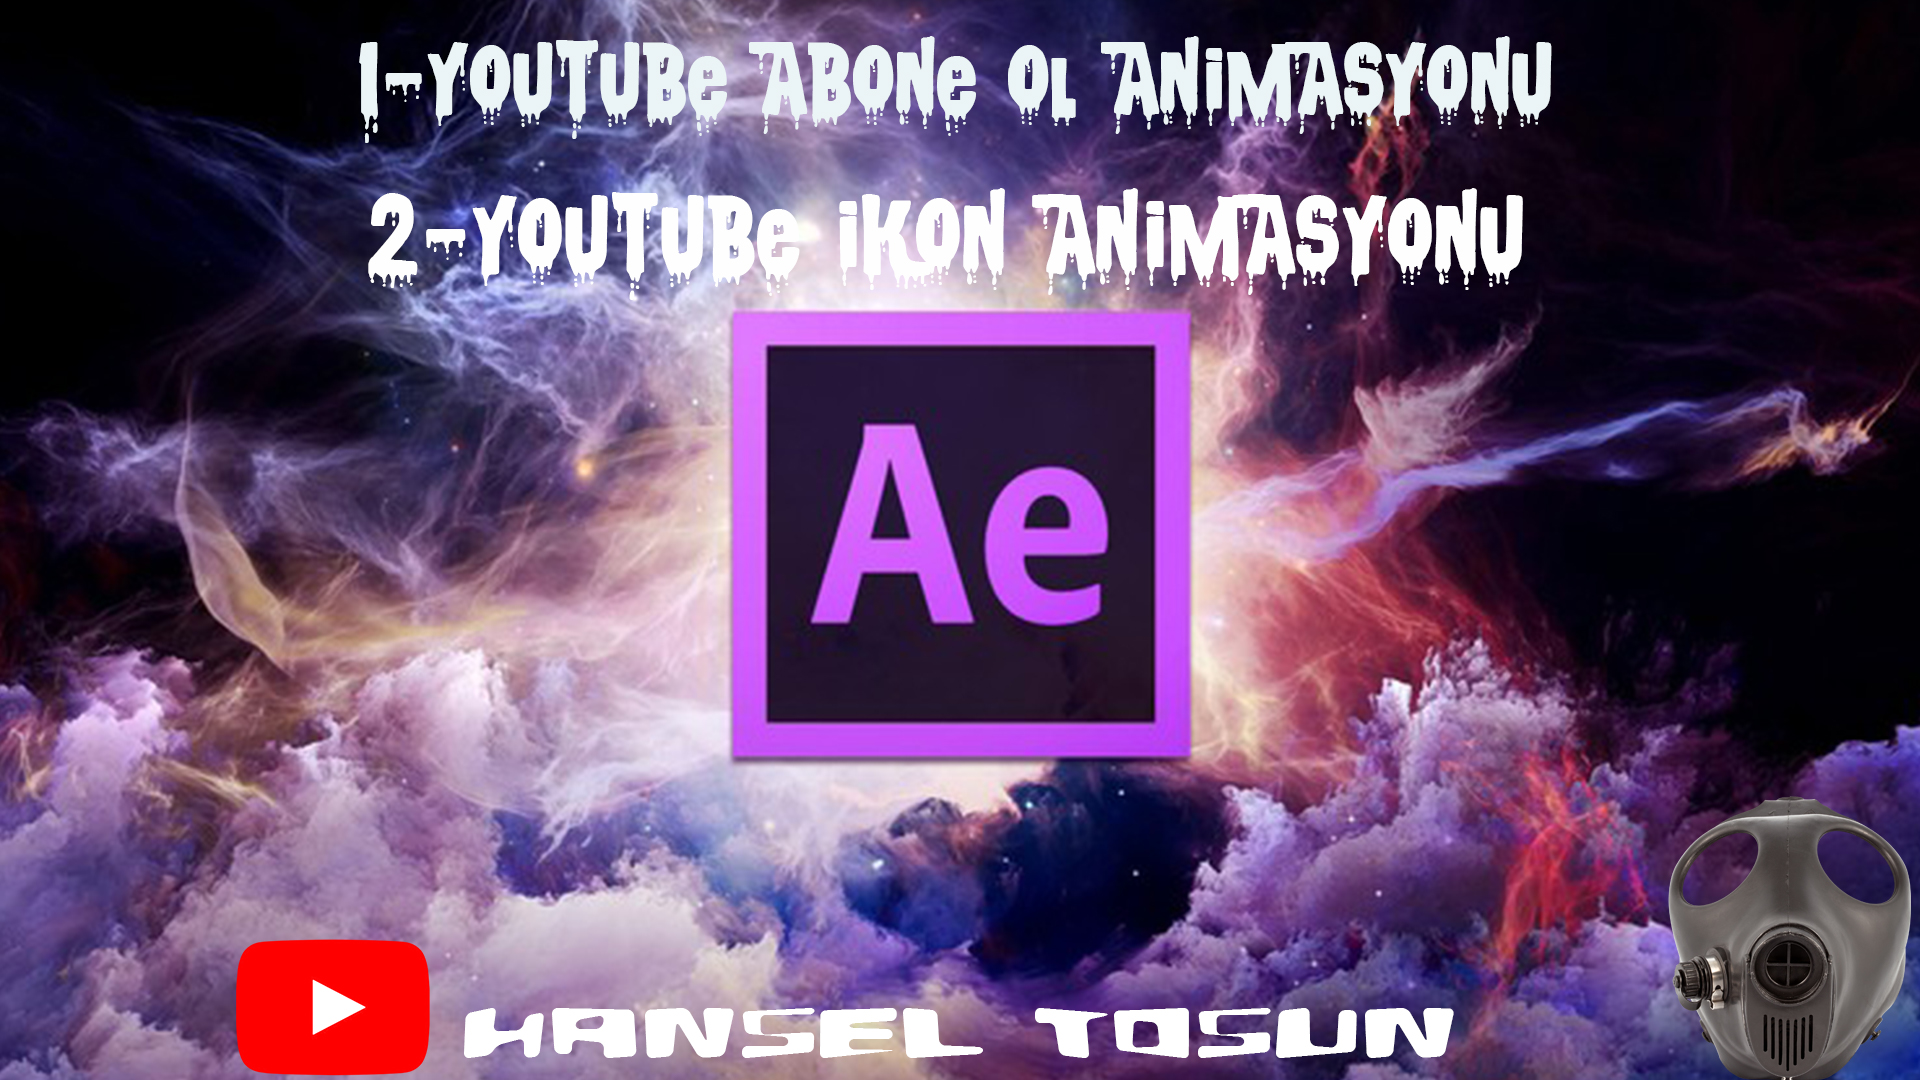 After Effect CC Eğitim Seti-Youtube Abone Ol Animasyonu